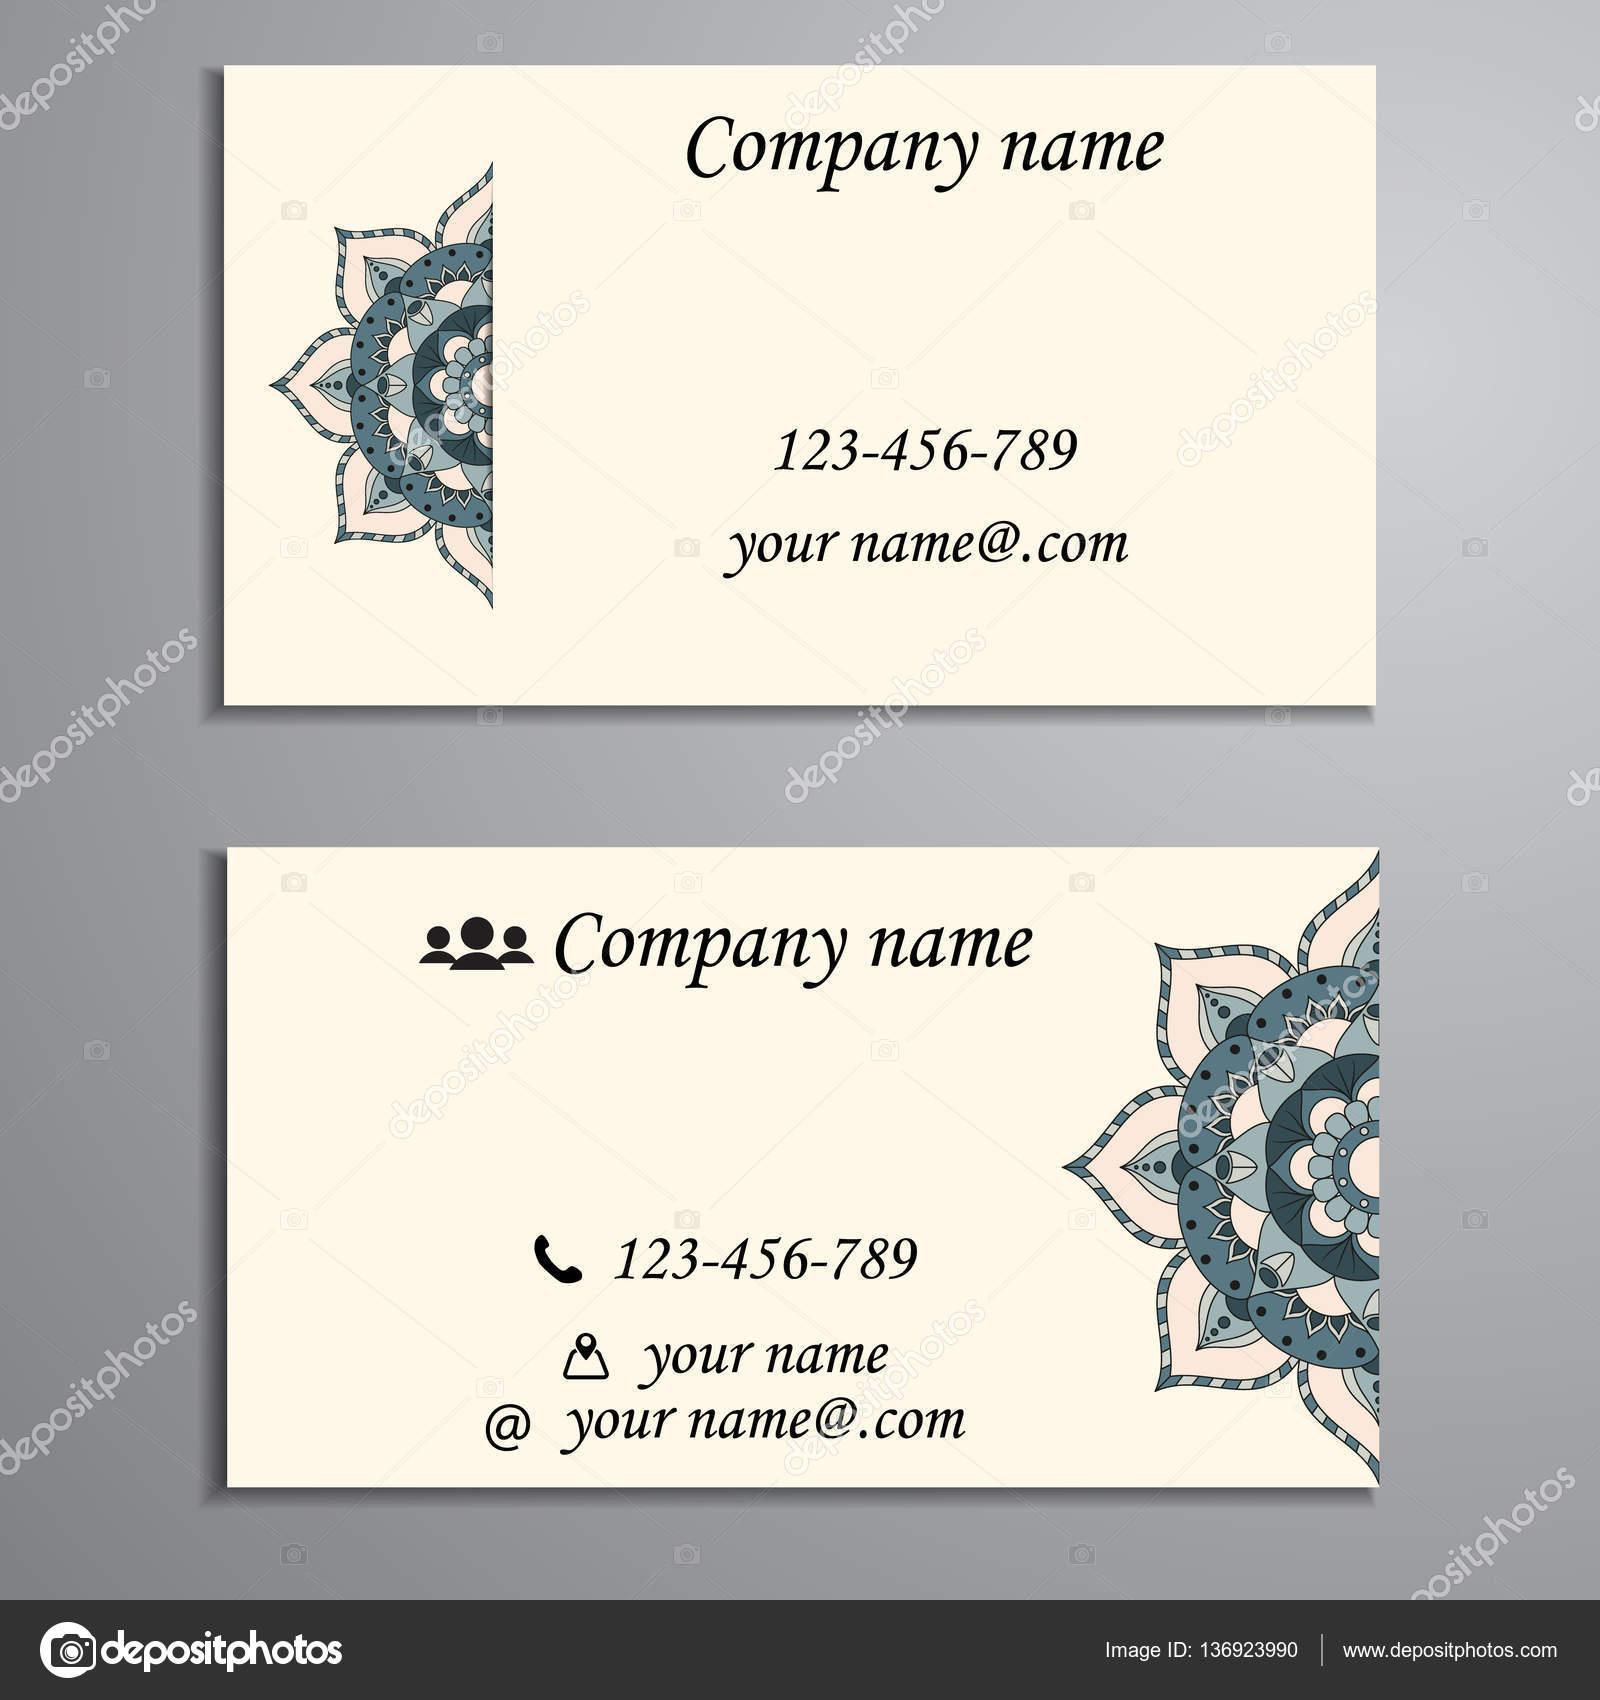 Einladung Visitenkarte Oder Banner Mit Textvorlage Runde